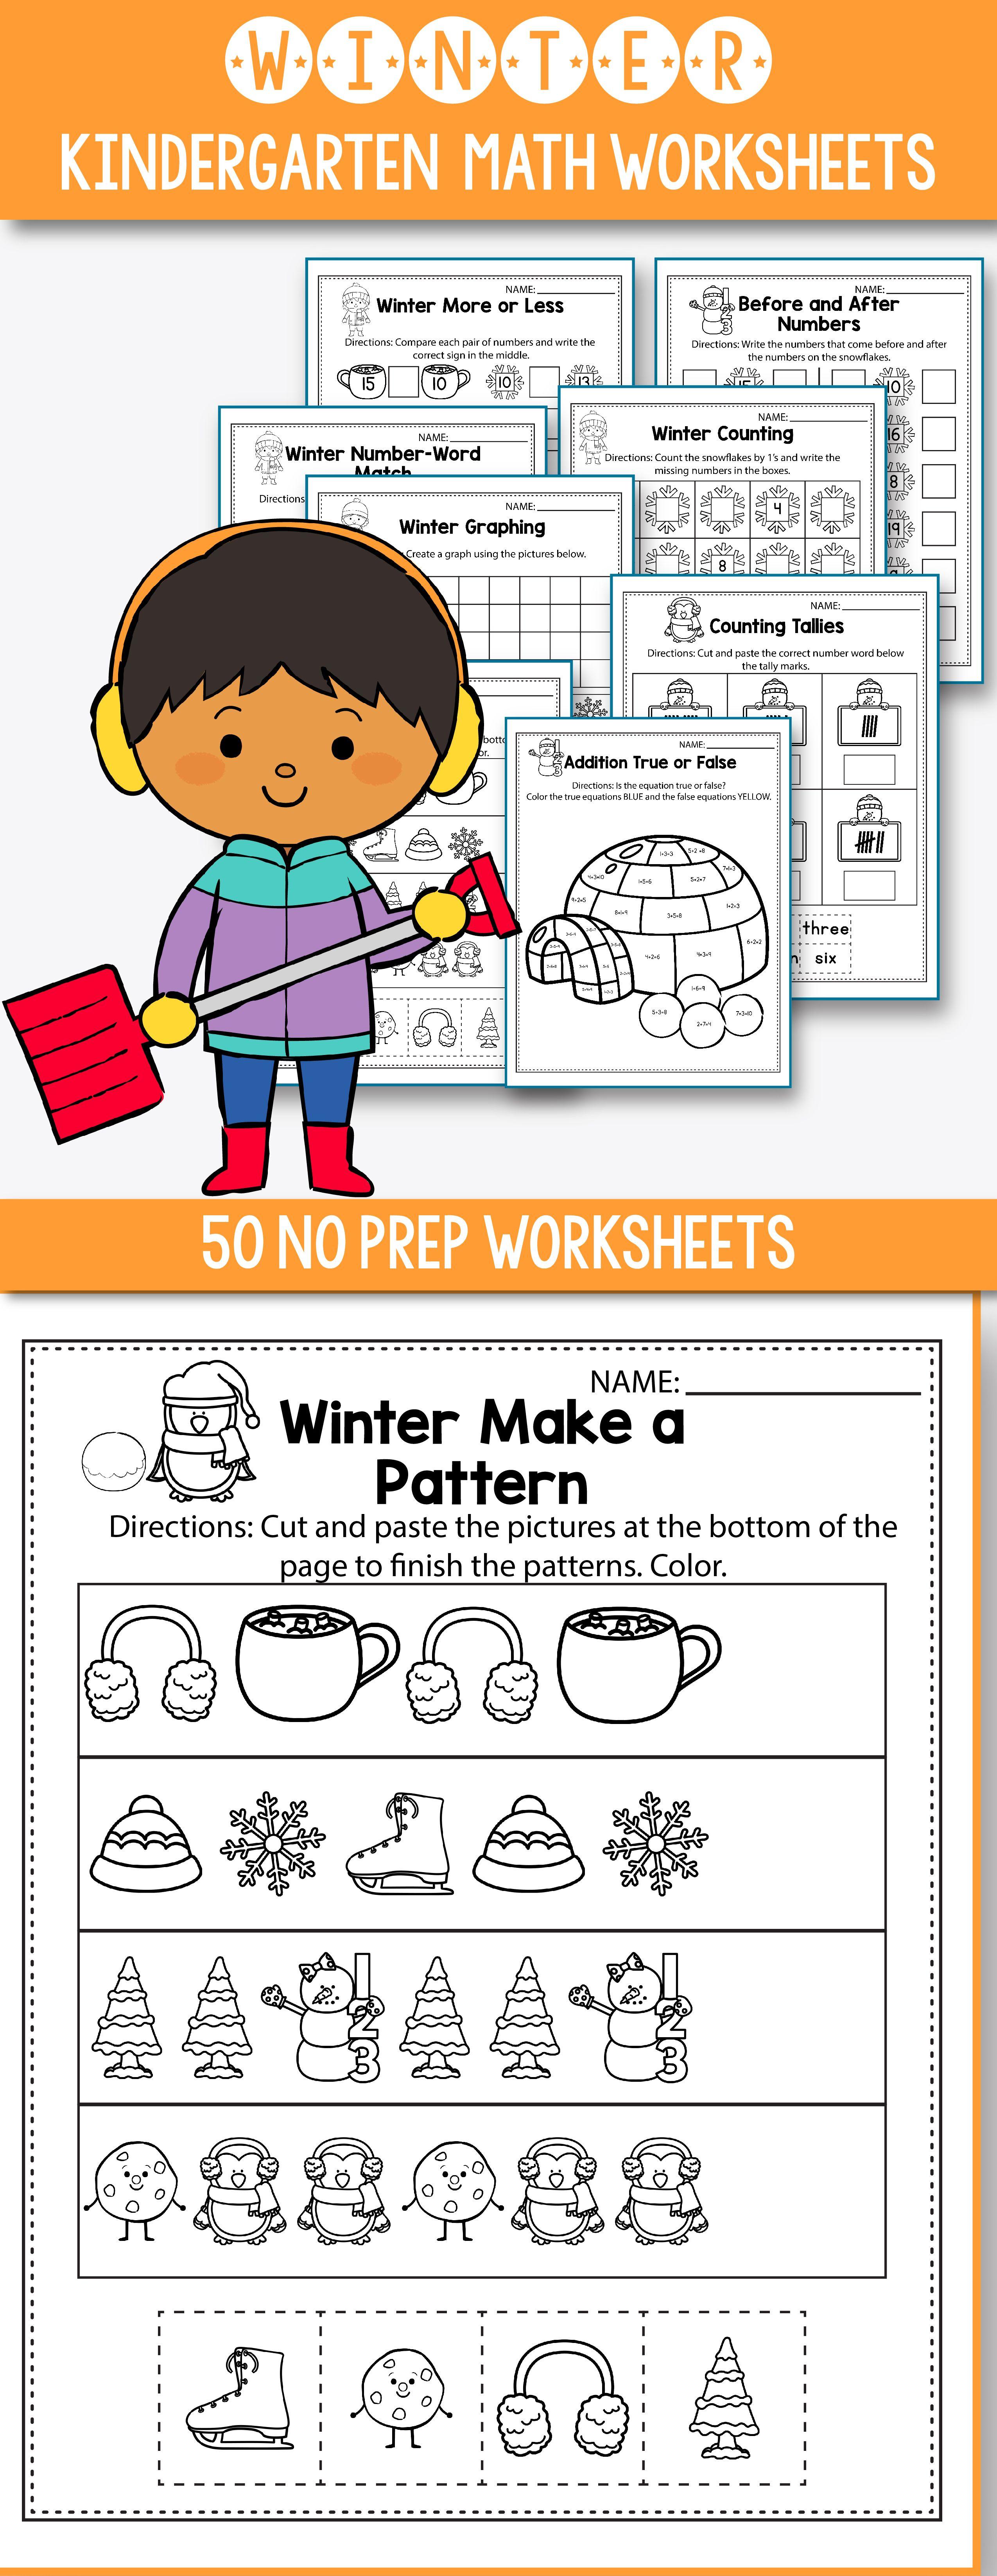 Winter Activities For Kindergarten Math No Prep Winter Worksheets Perfect For Preschool Kinderg Kindergarten Activities Kindergarten Math Winter Resources [ 6588 x 2550 Pixel ]